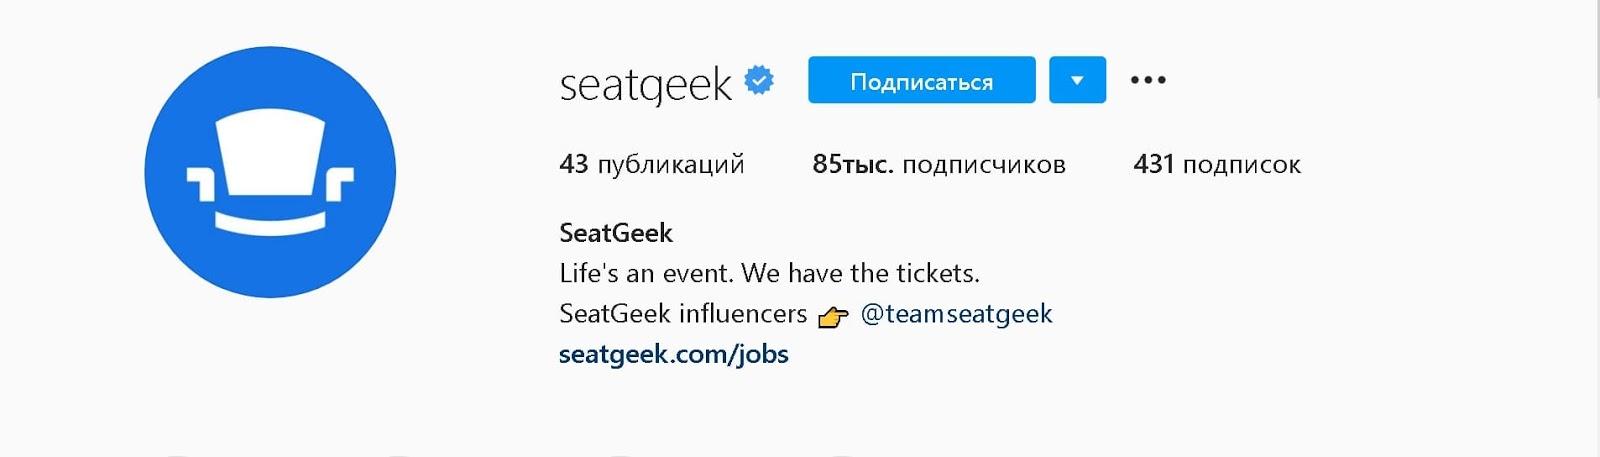 instagram-bios--seatgeek